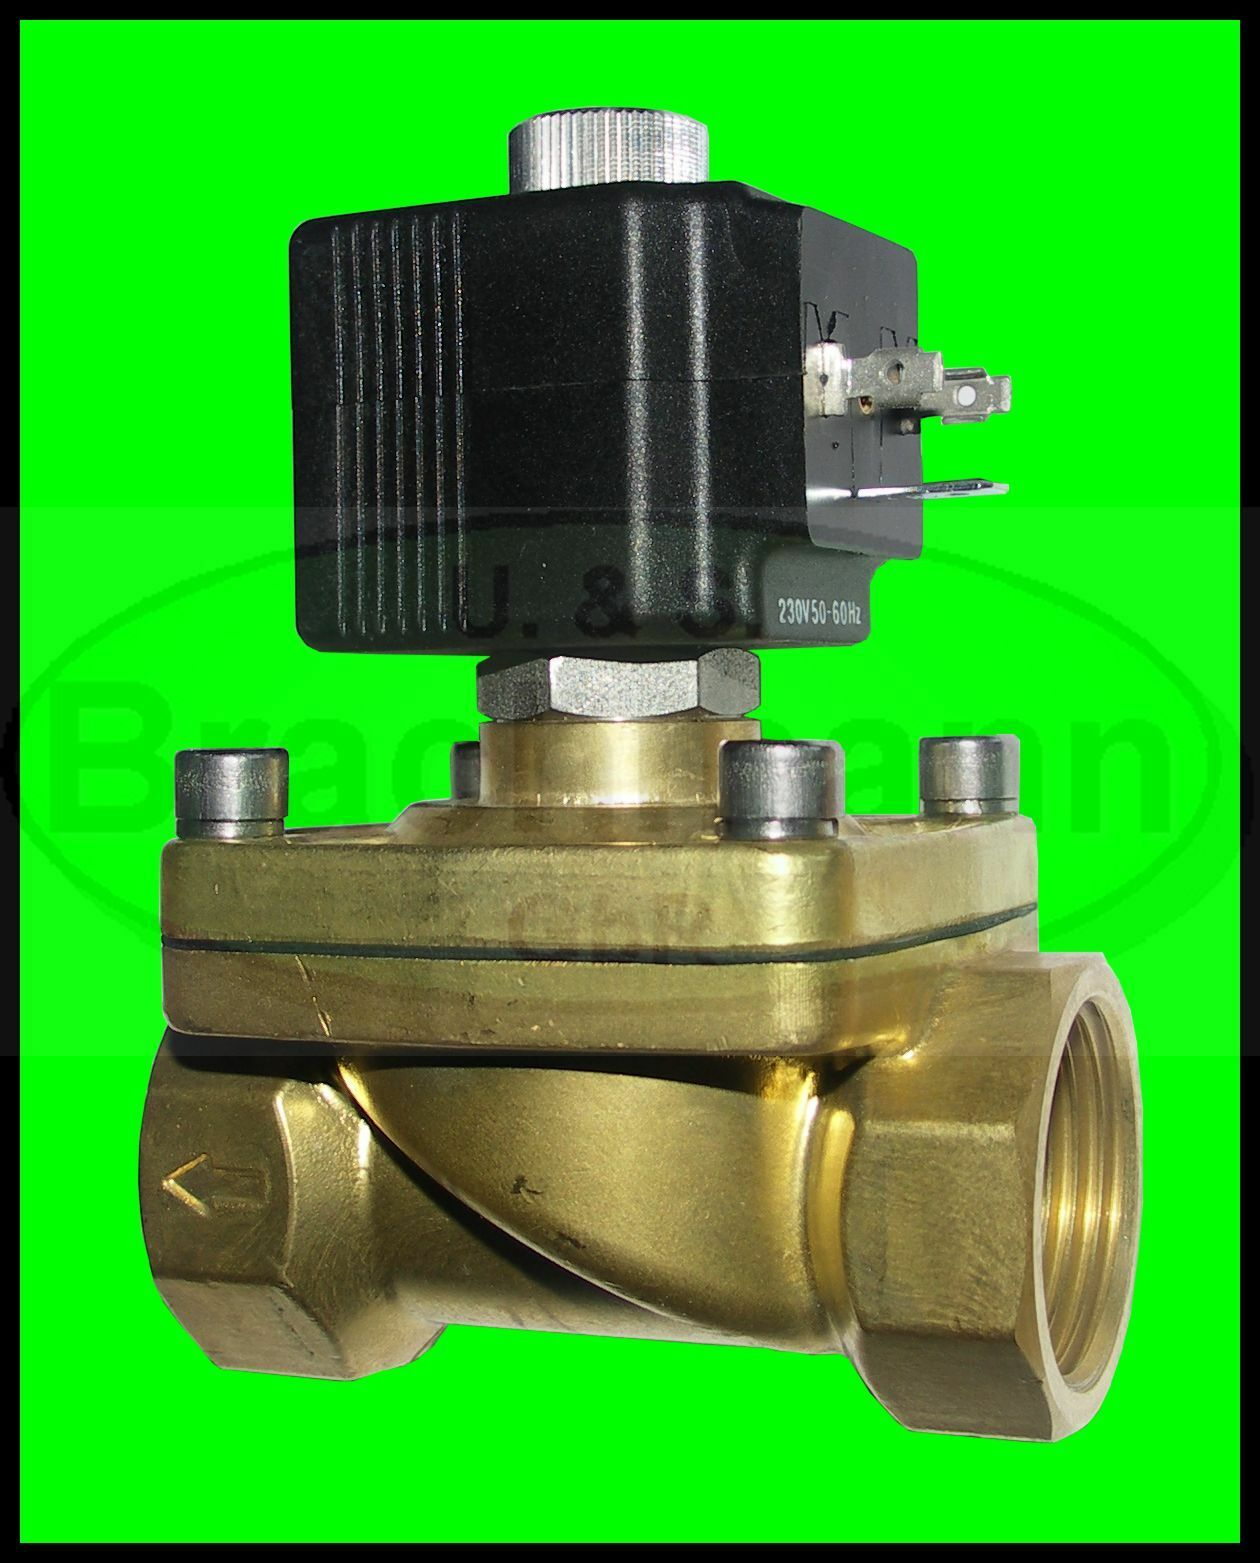 Magnetventil SVS 1  Messing 12V DC 0-7bar NC Heizung Wasser Luft